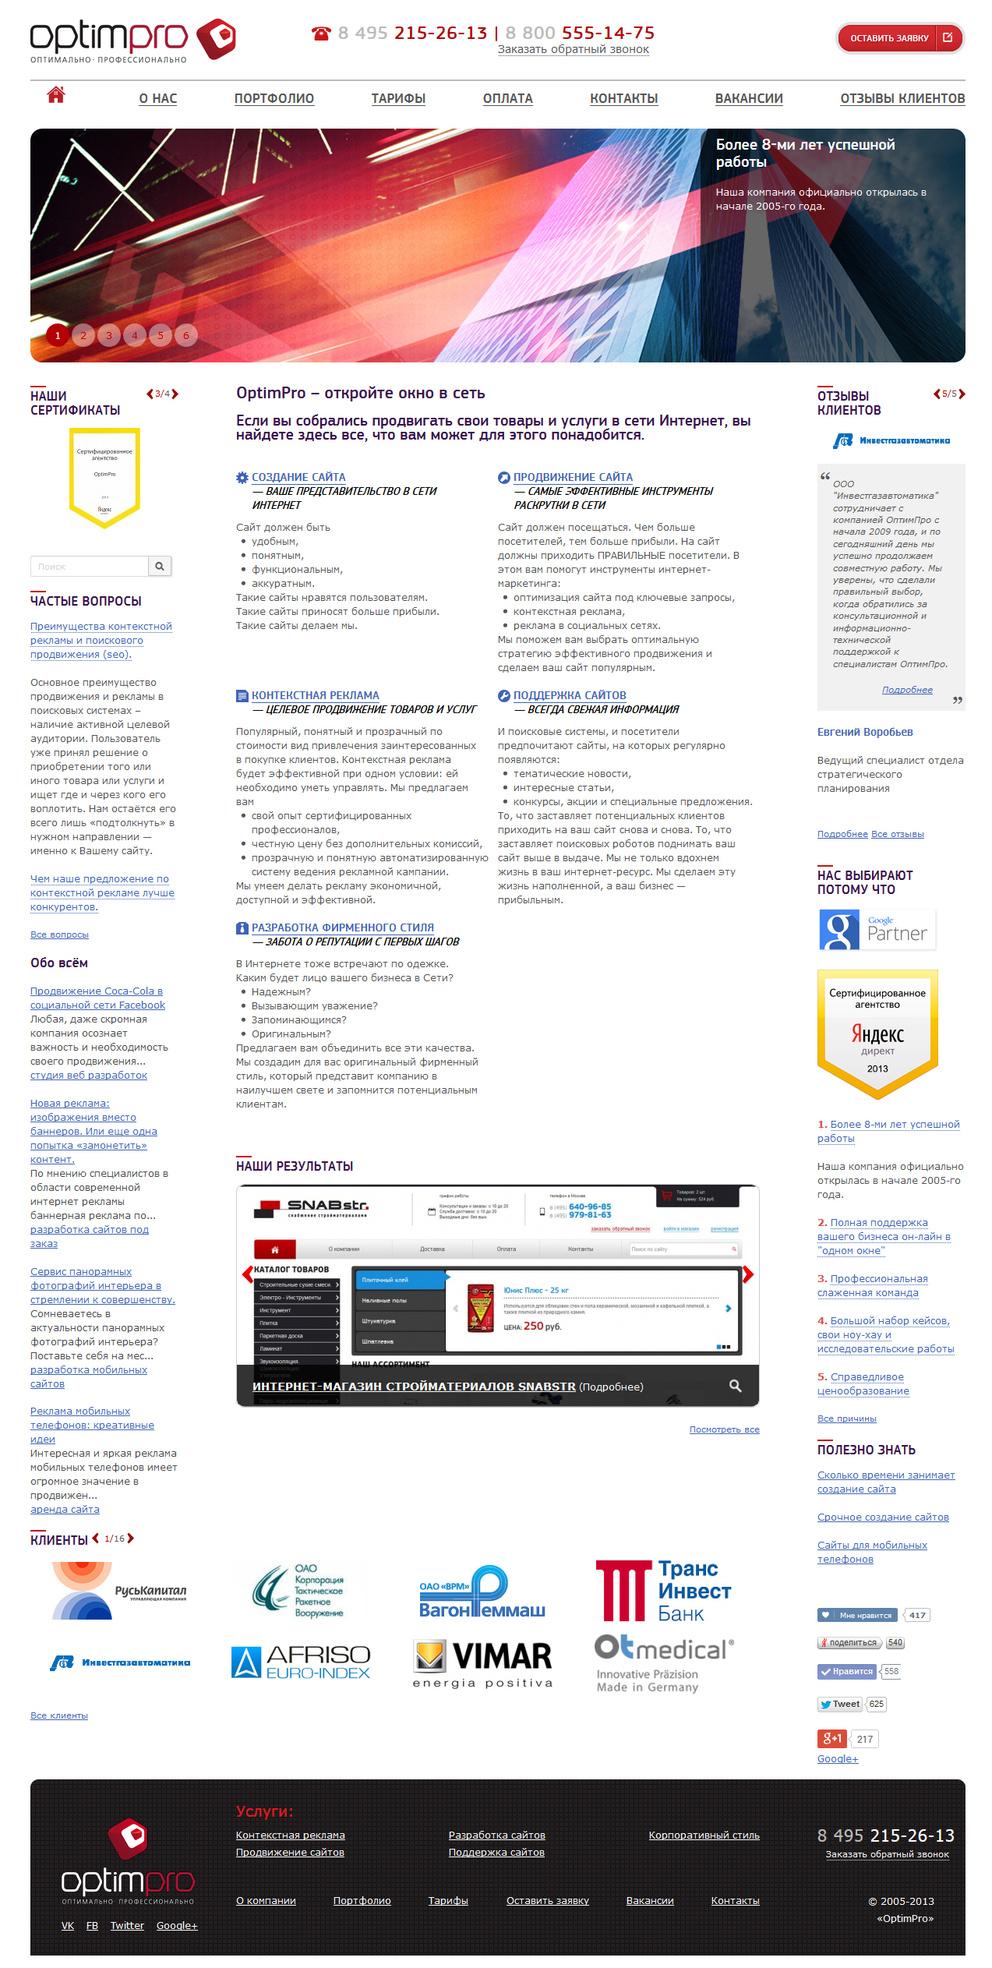 Корпоративный сайт OptimPro.ru / Проект компании OptimPro